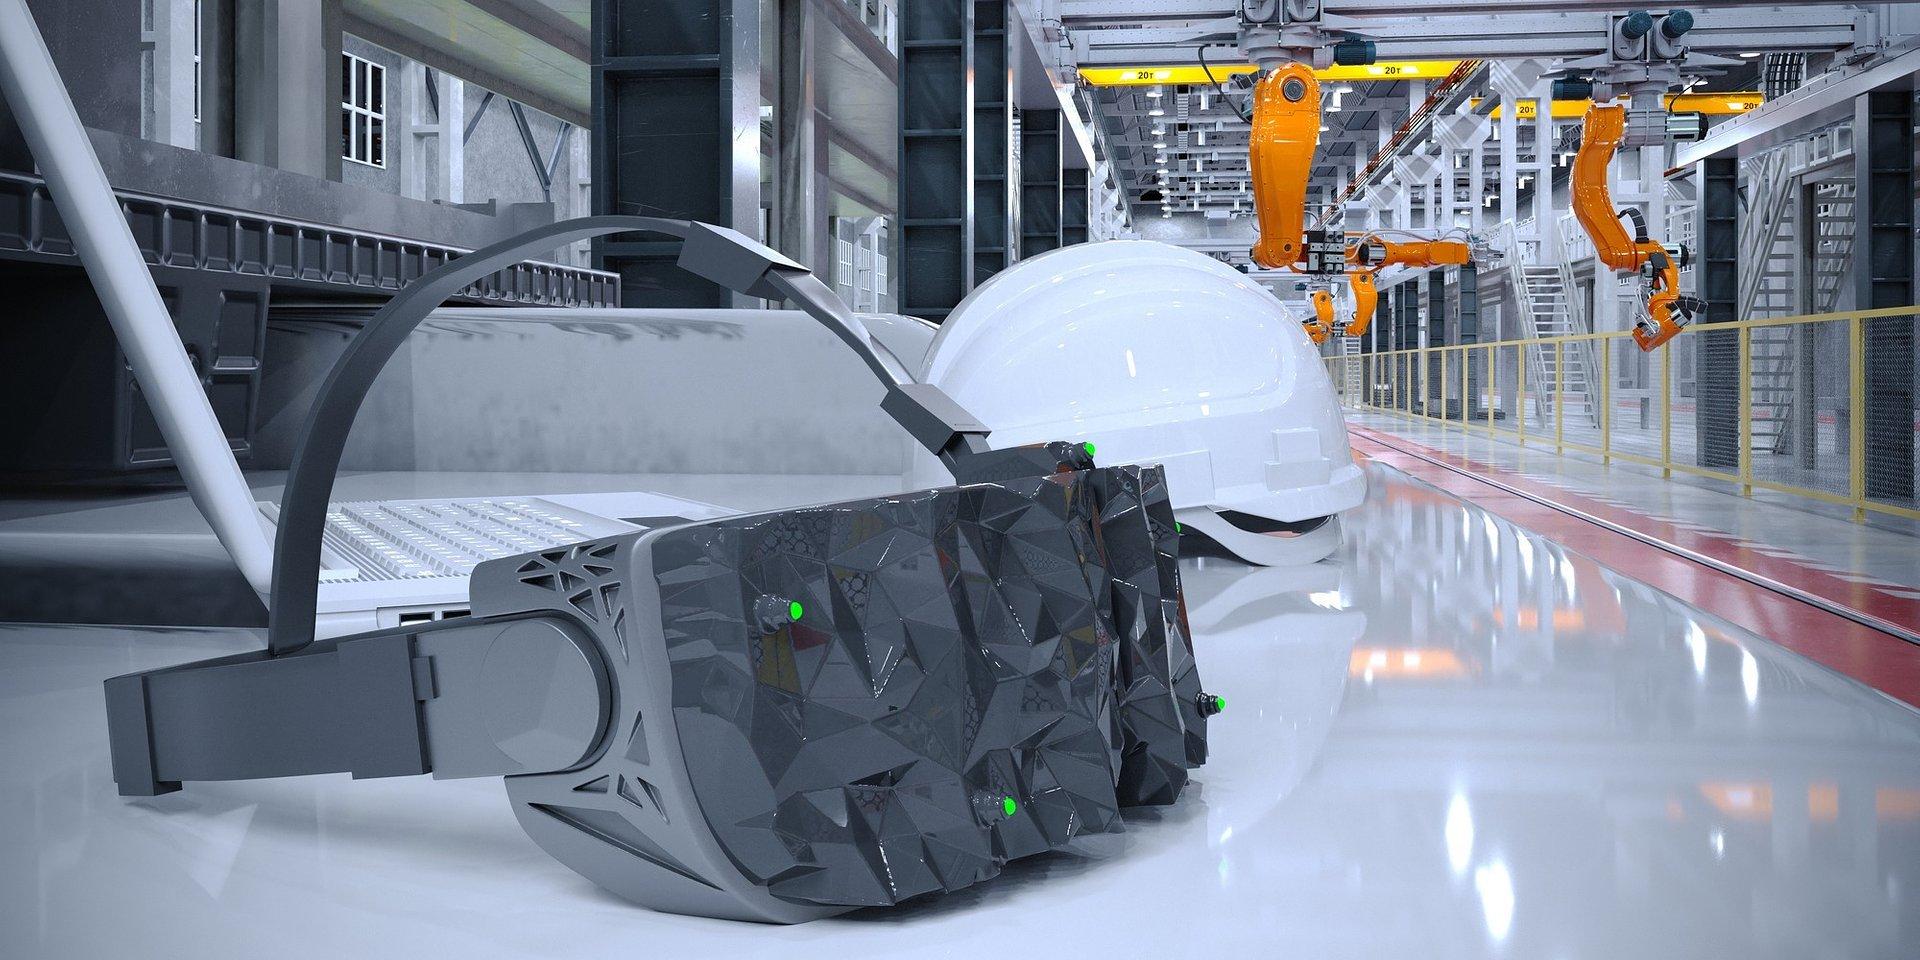 Konkurs Fabryka Przyszłości wypromuje najbardziej nowoczesne firmy z sektora przemysłowego